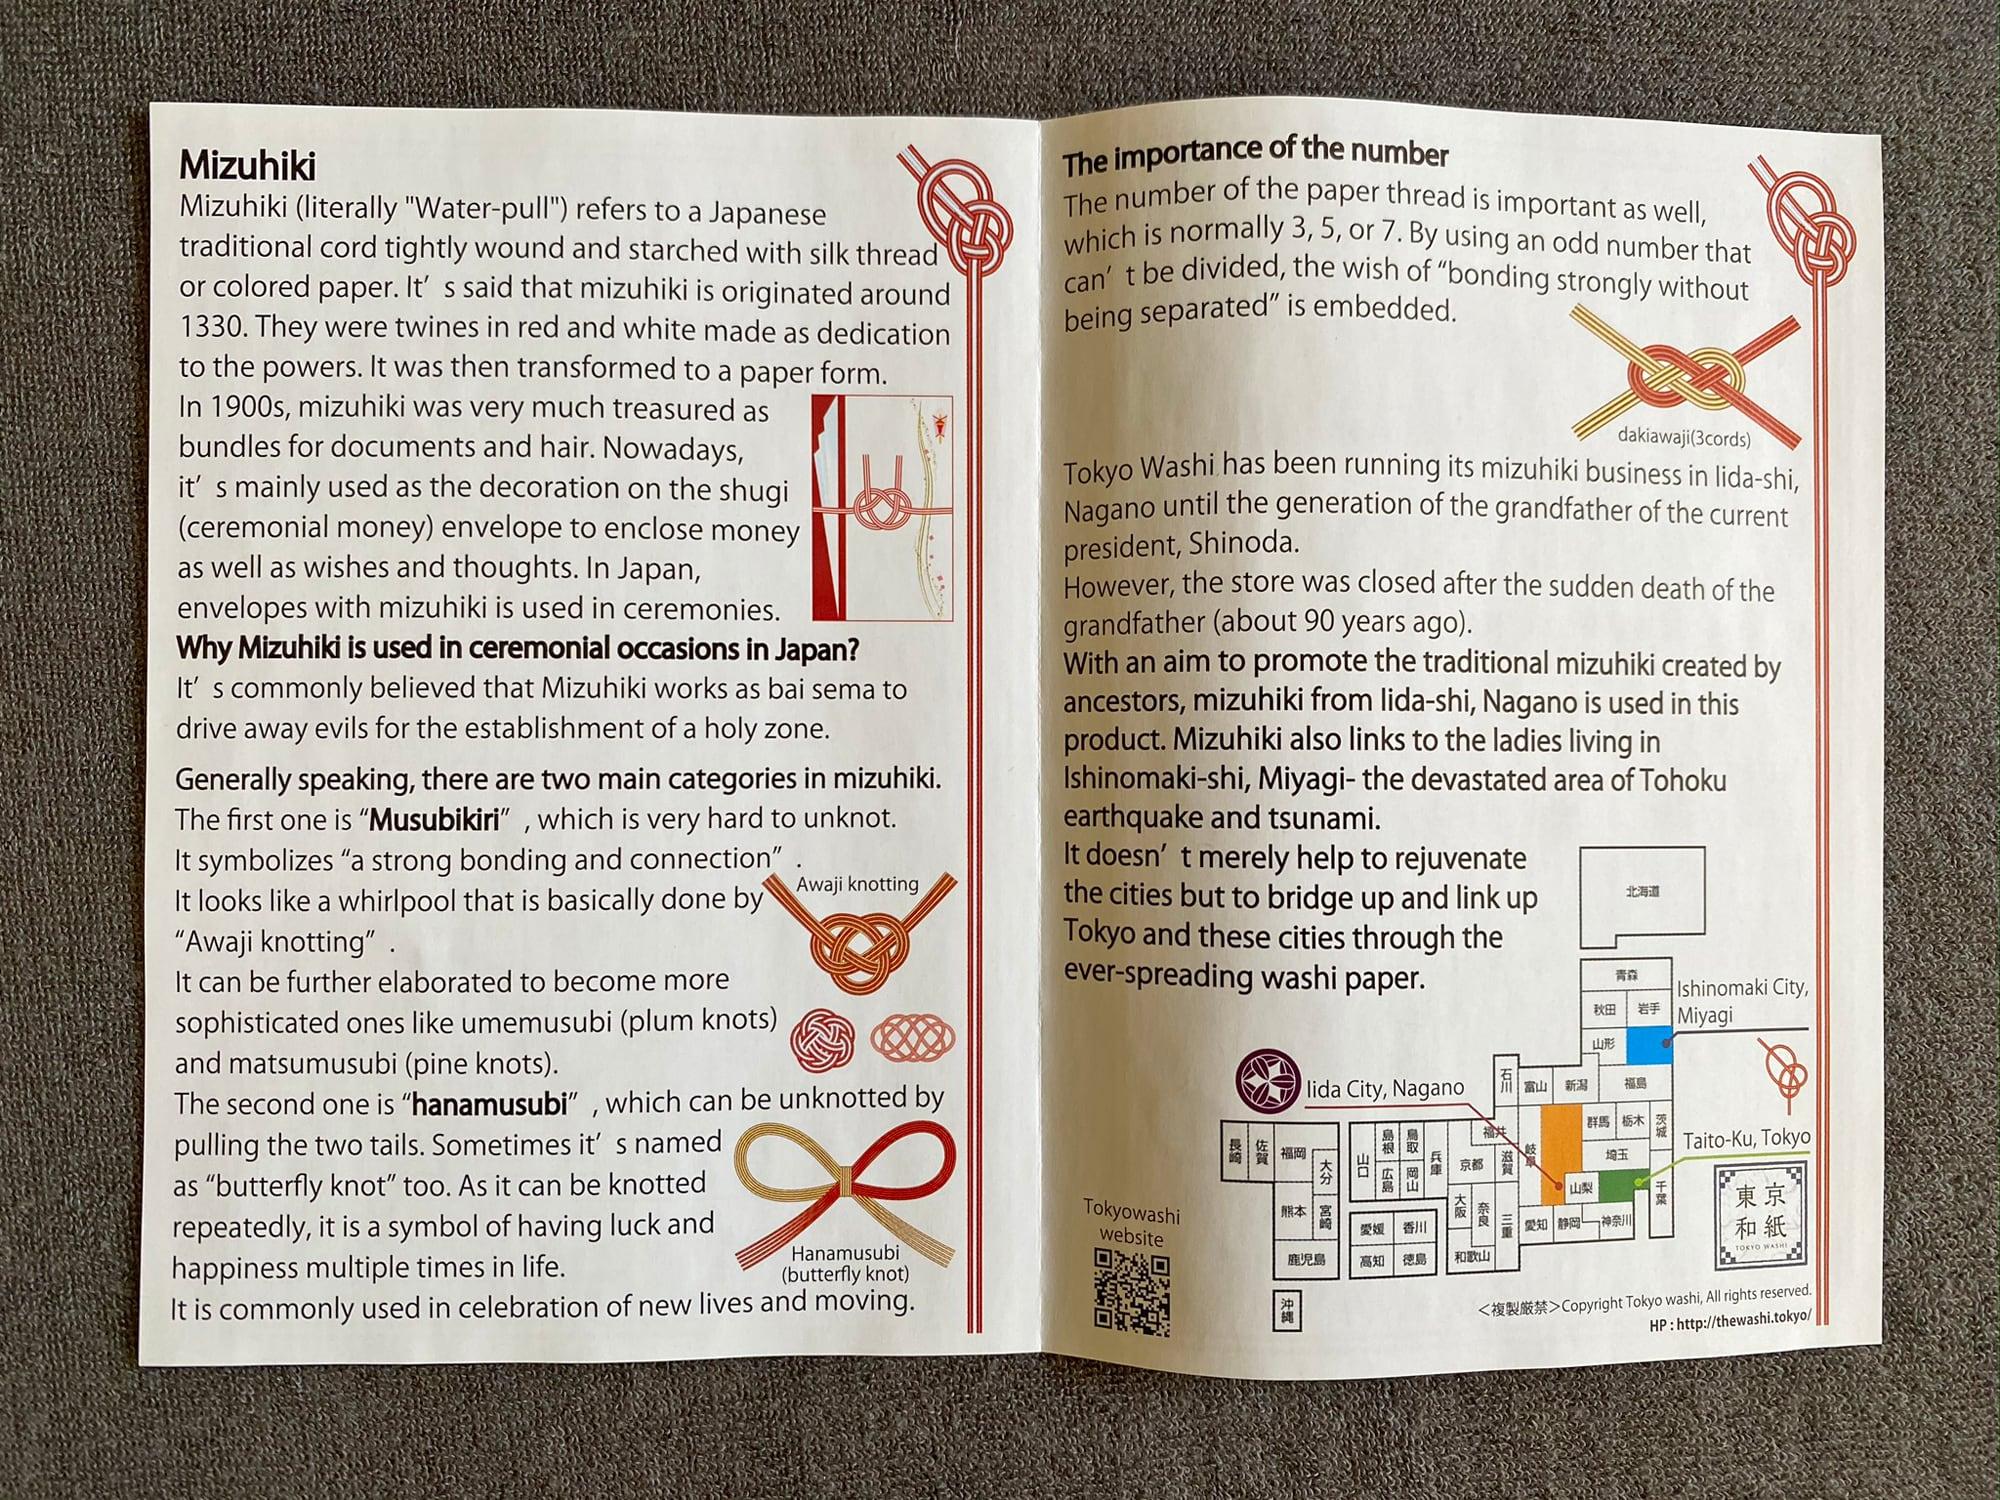 初めての人でも結べる水引結びキット<あわじ結び&梅結び> How to make mizuhiki knot kit <awaji & plum knot>